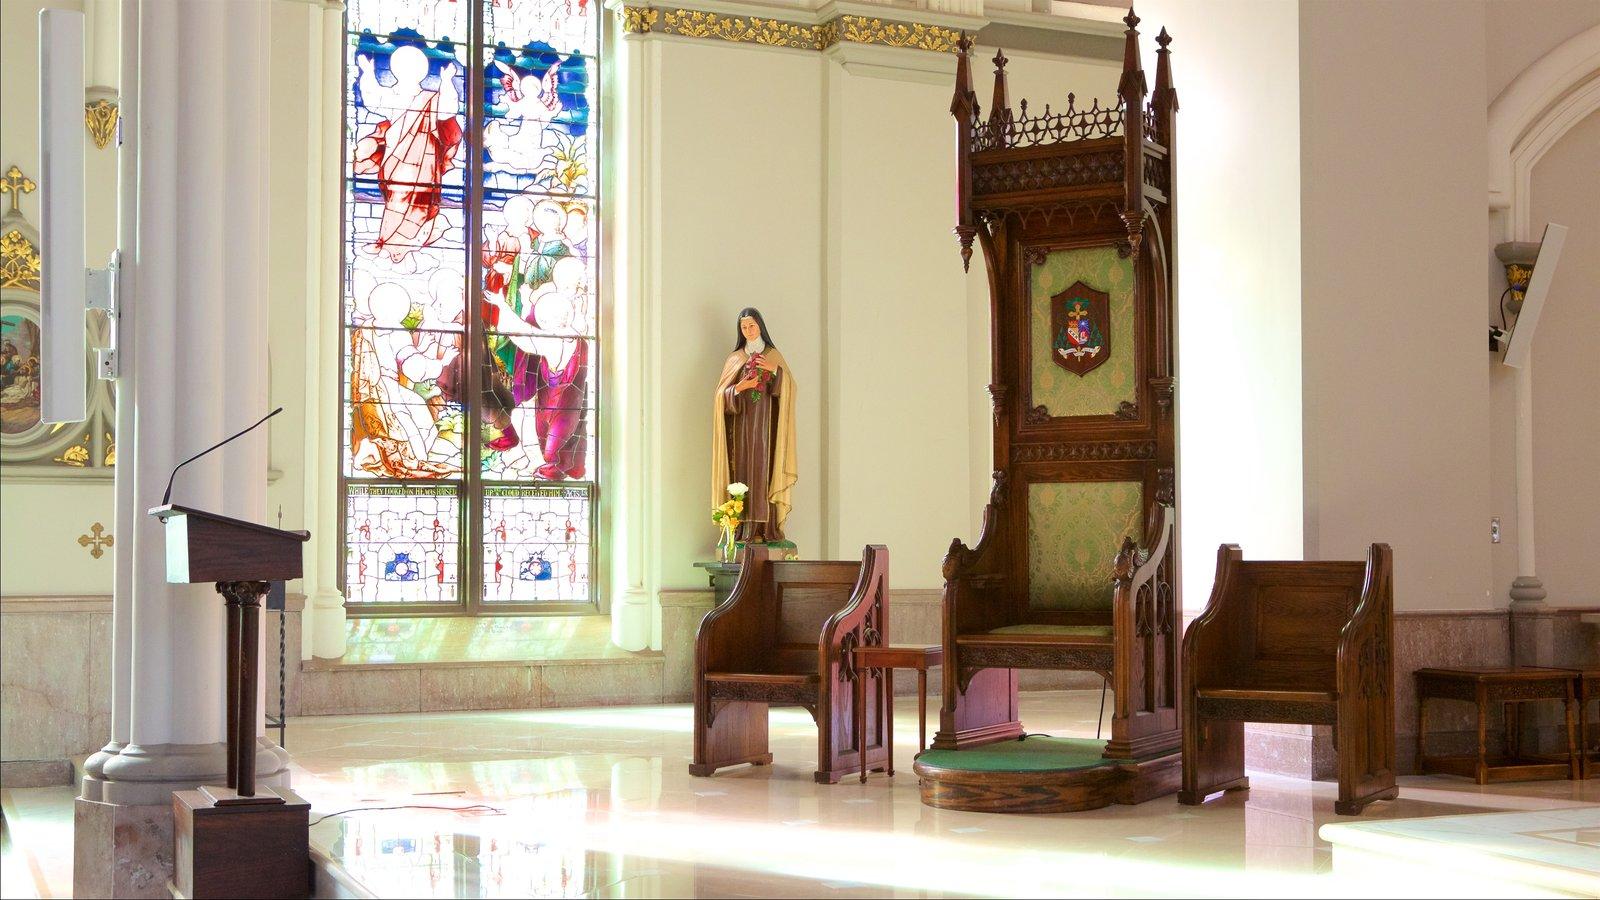 Charleston mostrando elementos de patrimônio, uma igreja ou catedral e vistas internas